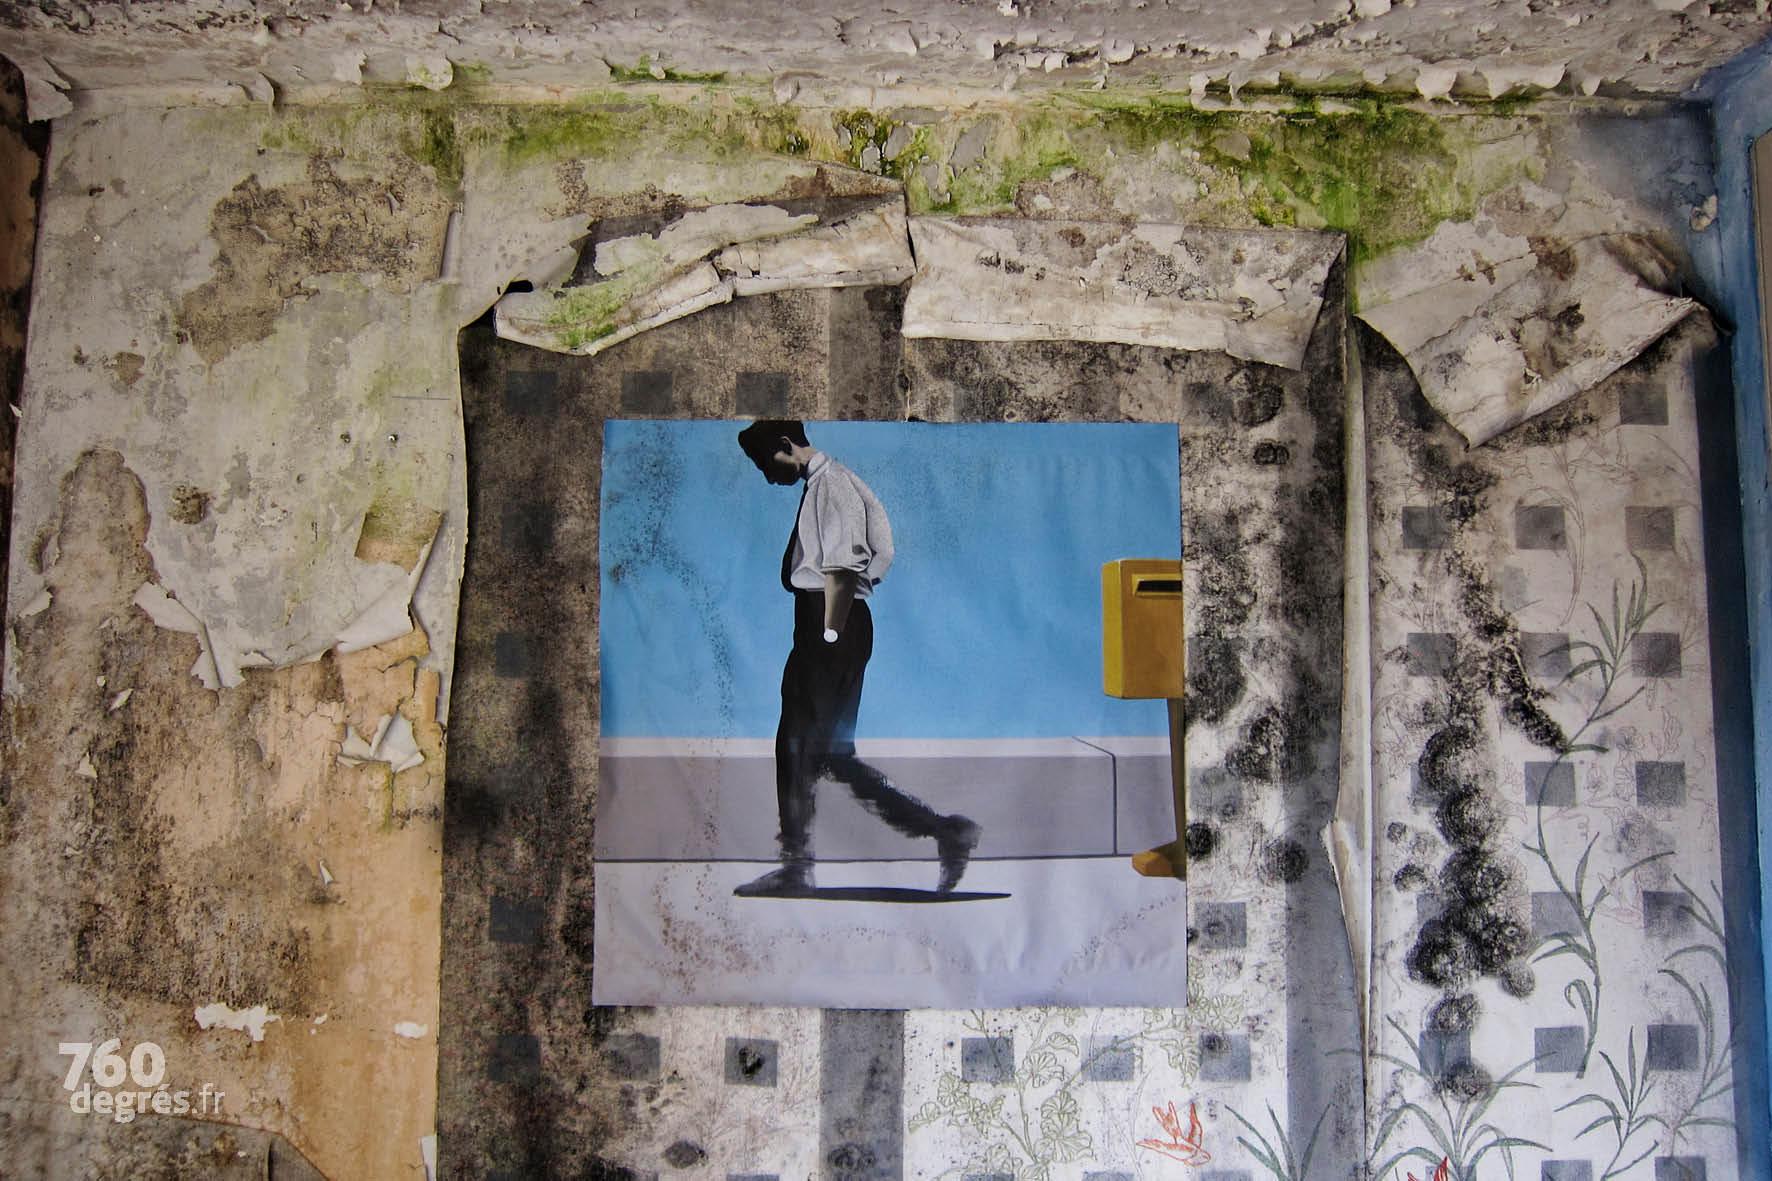 Cellule 91 - OJI & FVP (France) - Intérieur d'un appartement bourgeois - 2018